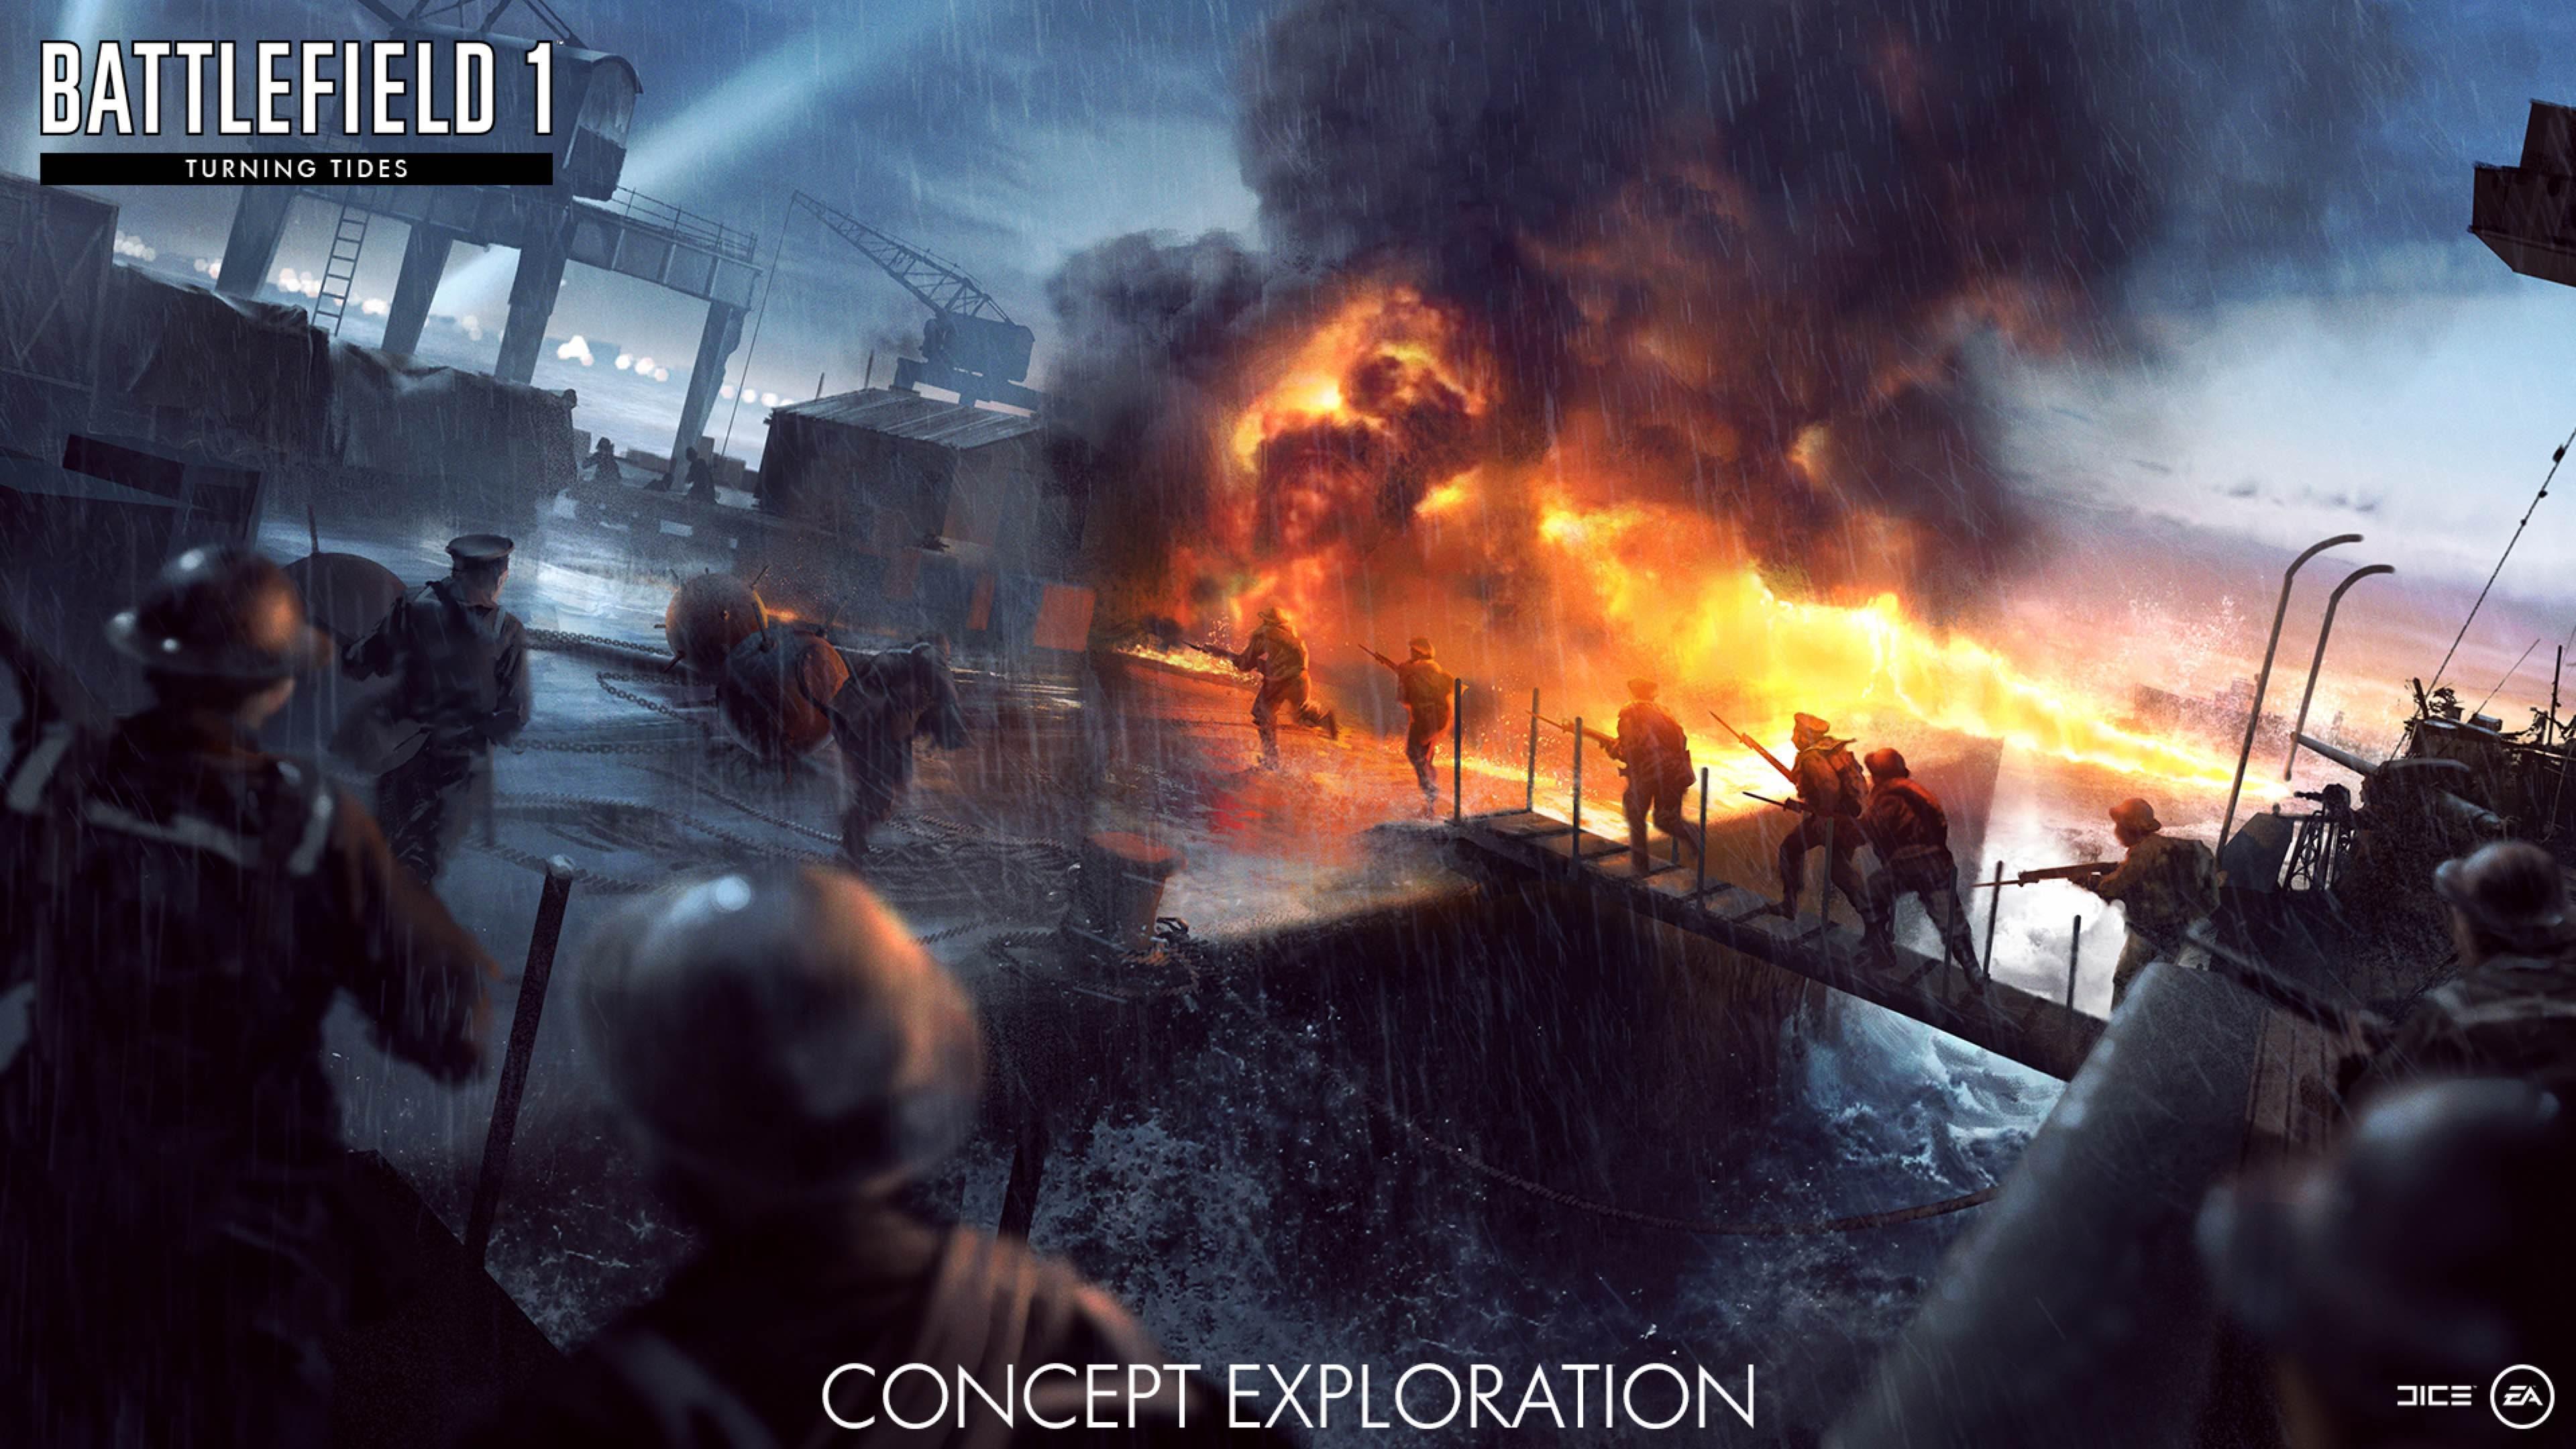 Nové koncepty přibližují první světovou válku v podání expanze Battlefield 1: Turning Tides 151677